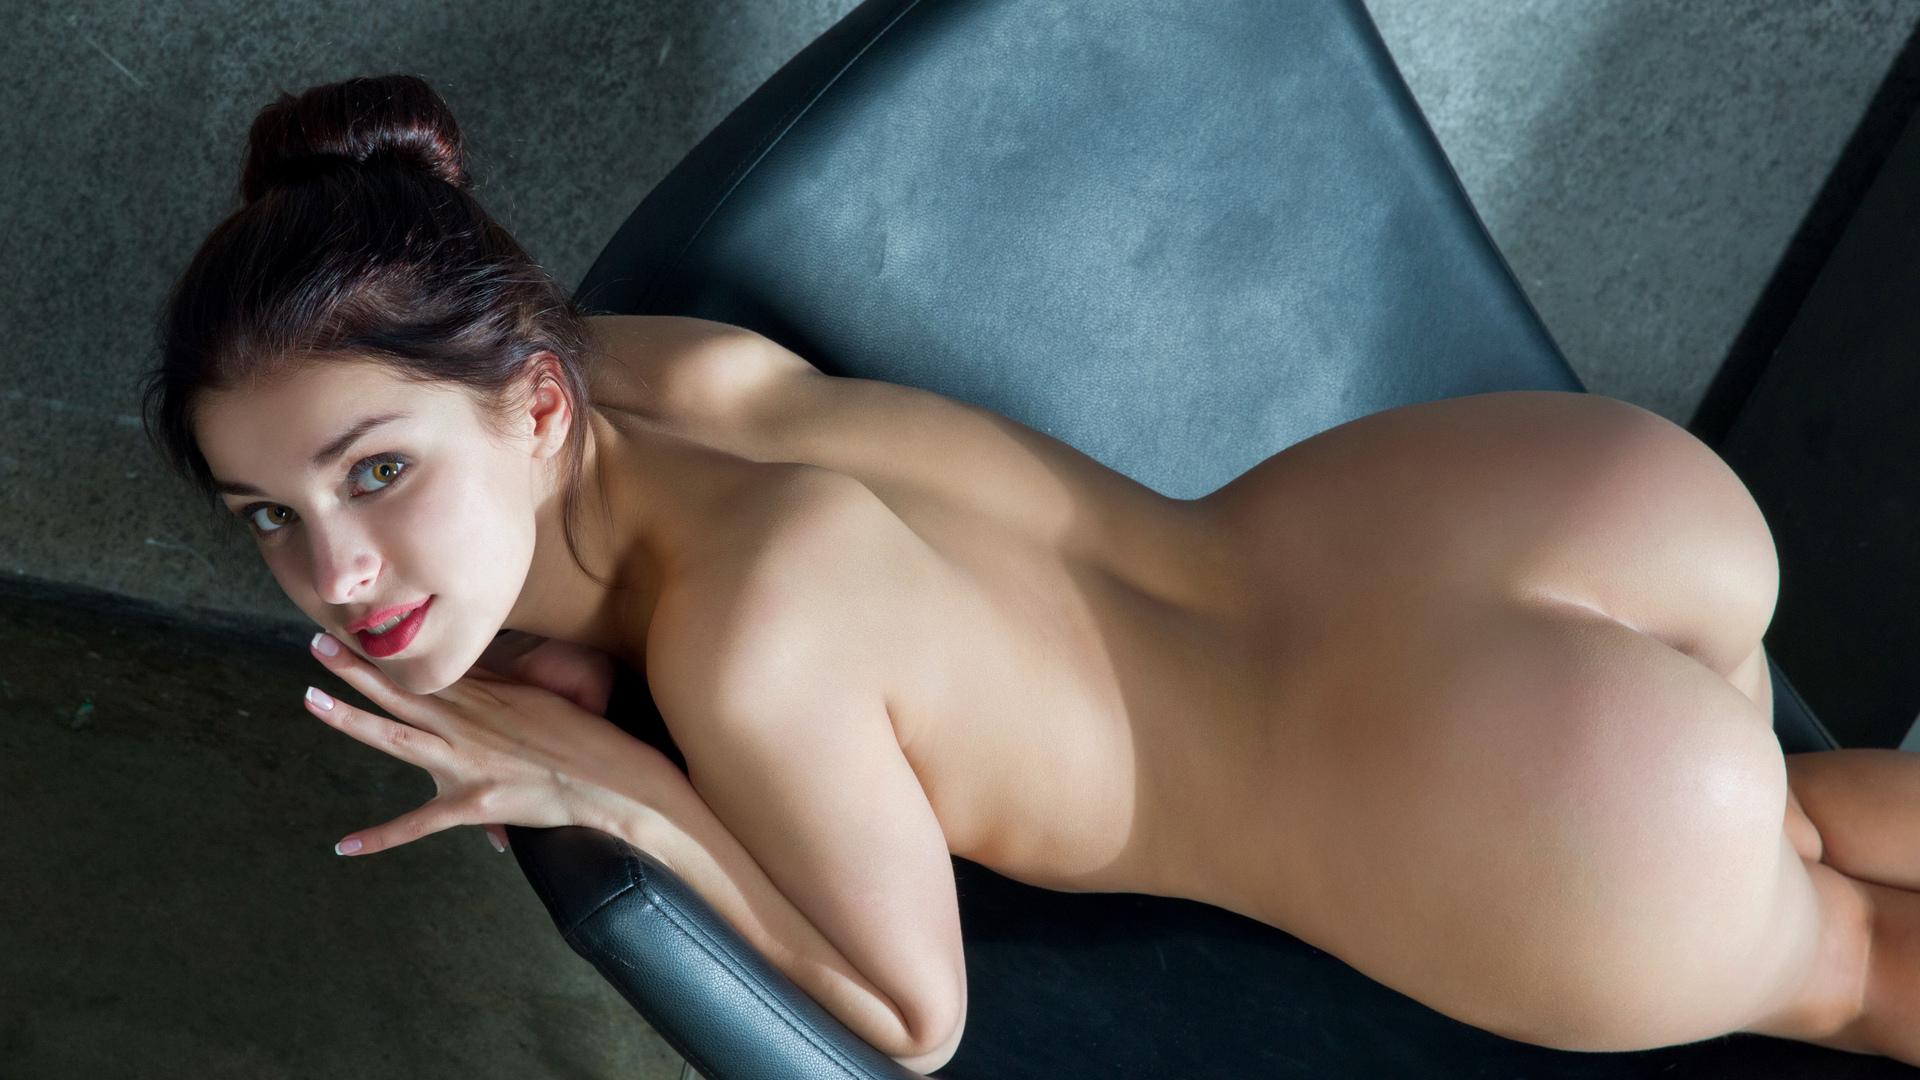 Смотреть бесплатно сочных брюнеток порно 16 фотография